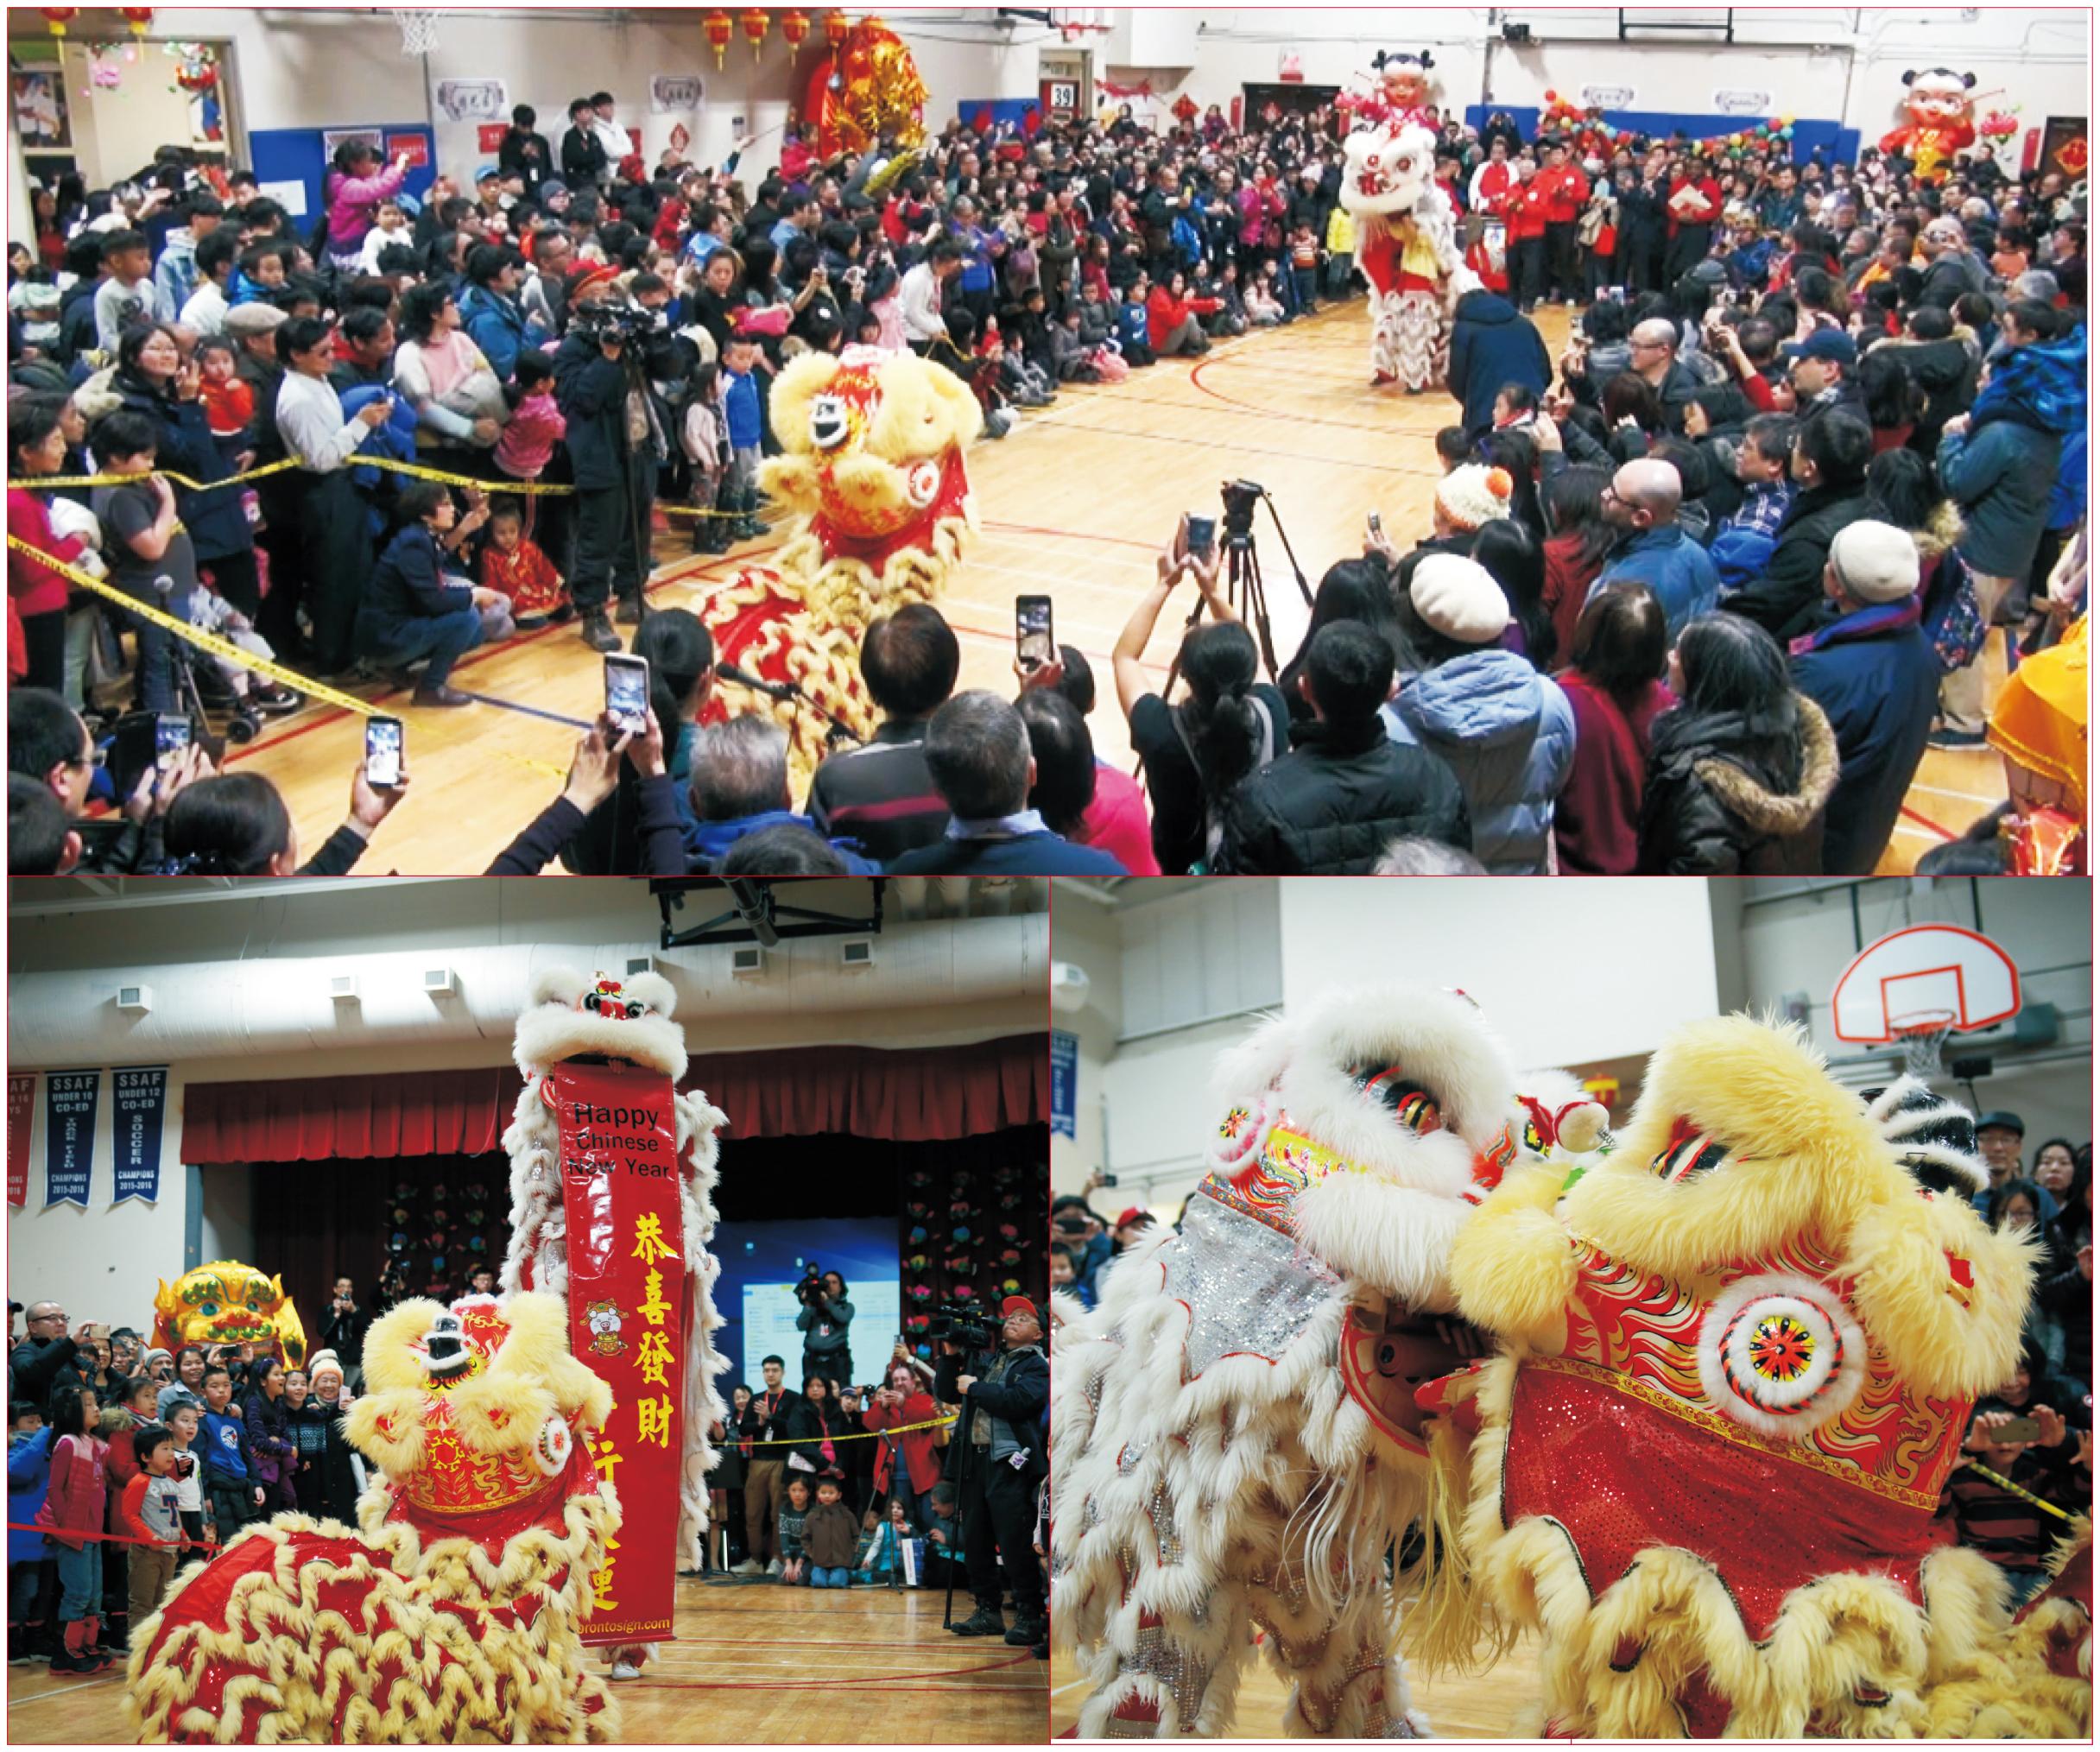 3000 Audiences Enjoyed The Light-up Celebration of 2019 Toronto Qinhuai  Lantern Festival on Family Day